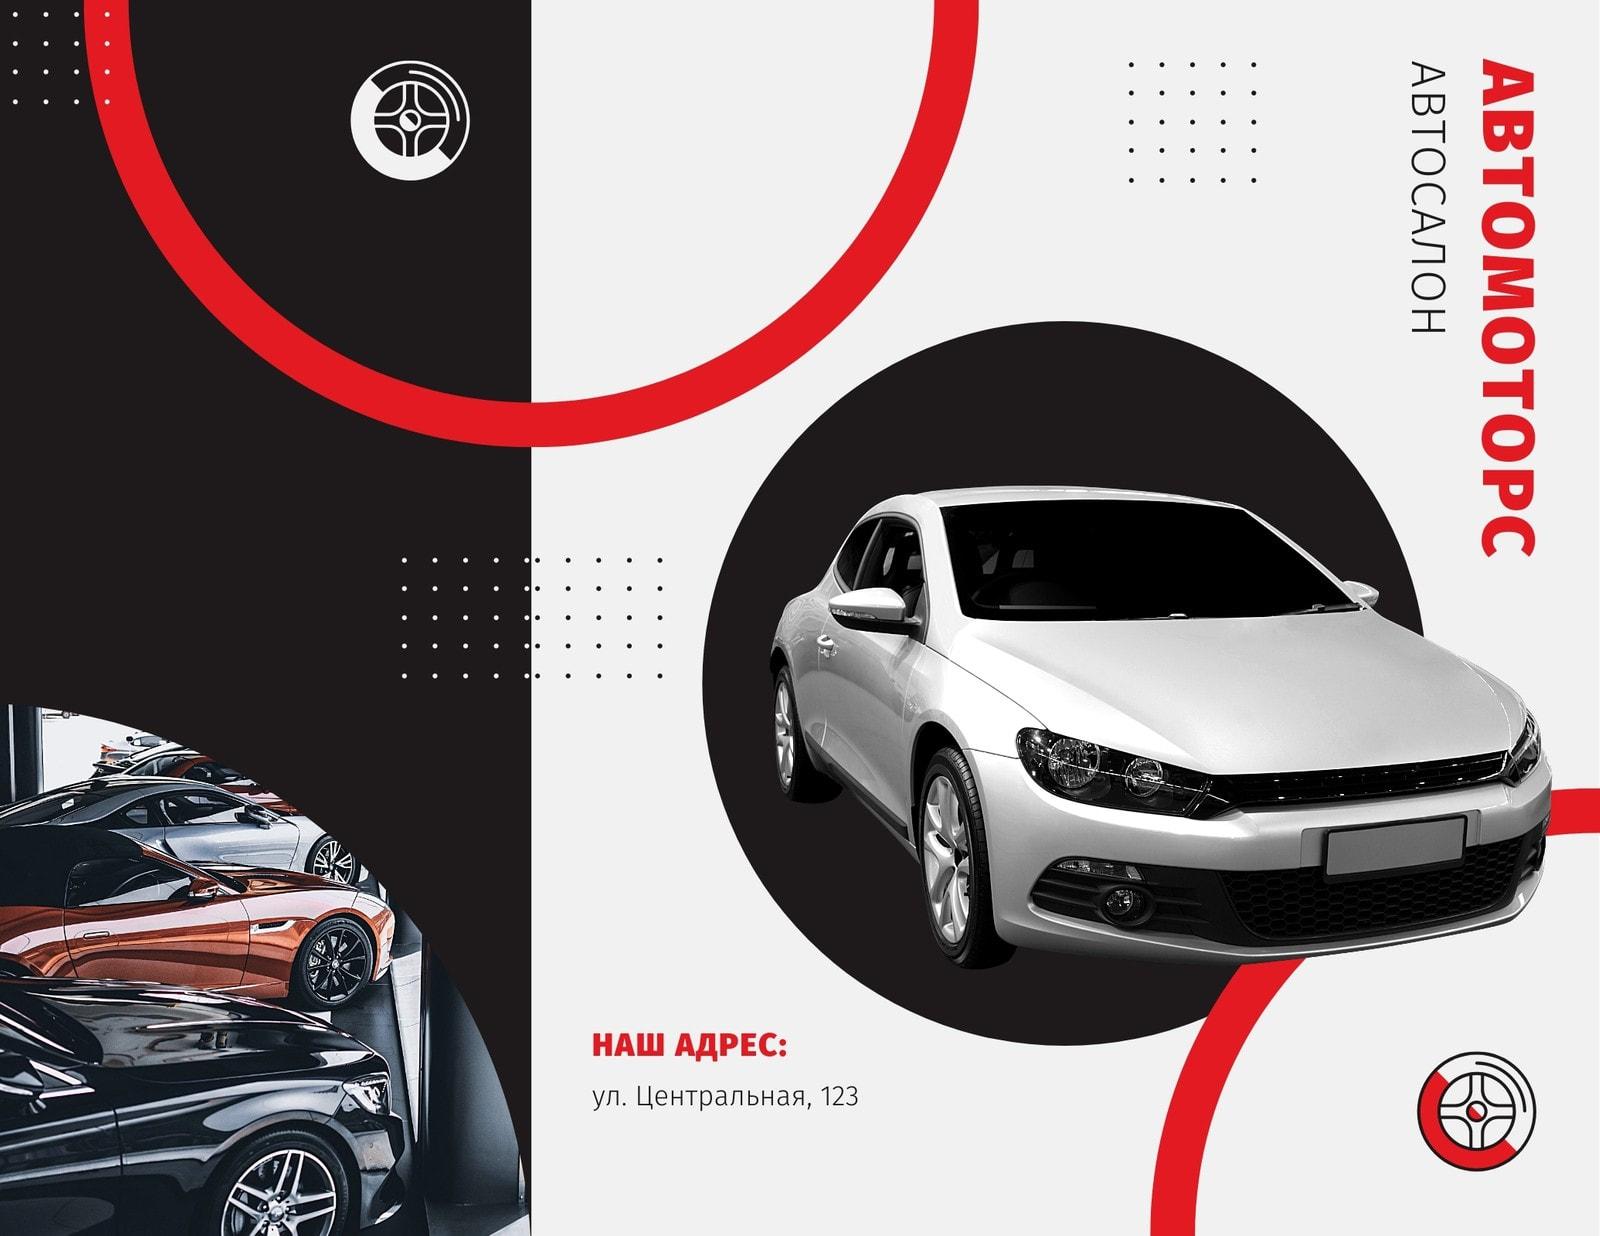 Белая, черная и красная брошюра с прайс-листом автосалона с фотографиями автомобилей